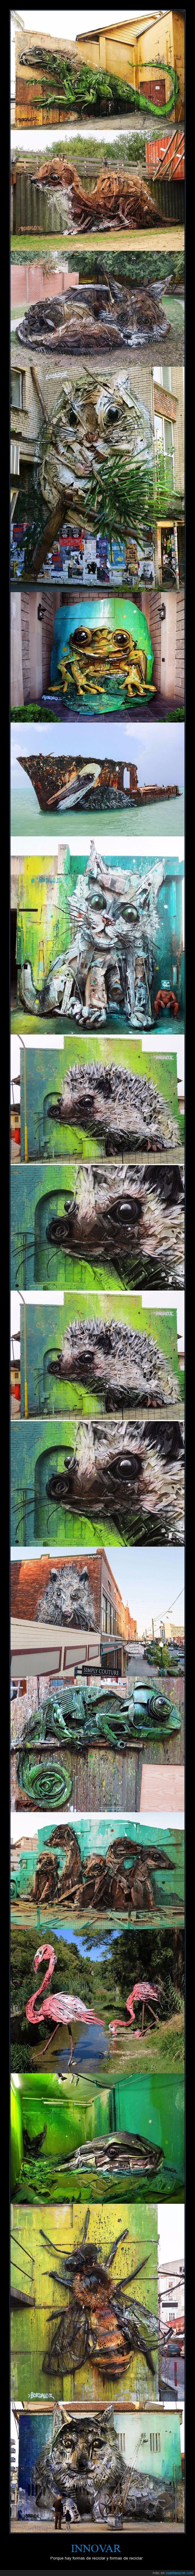 animales,contaminación,reciclaje